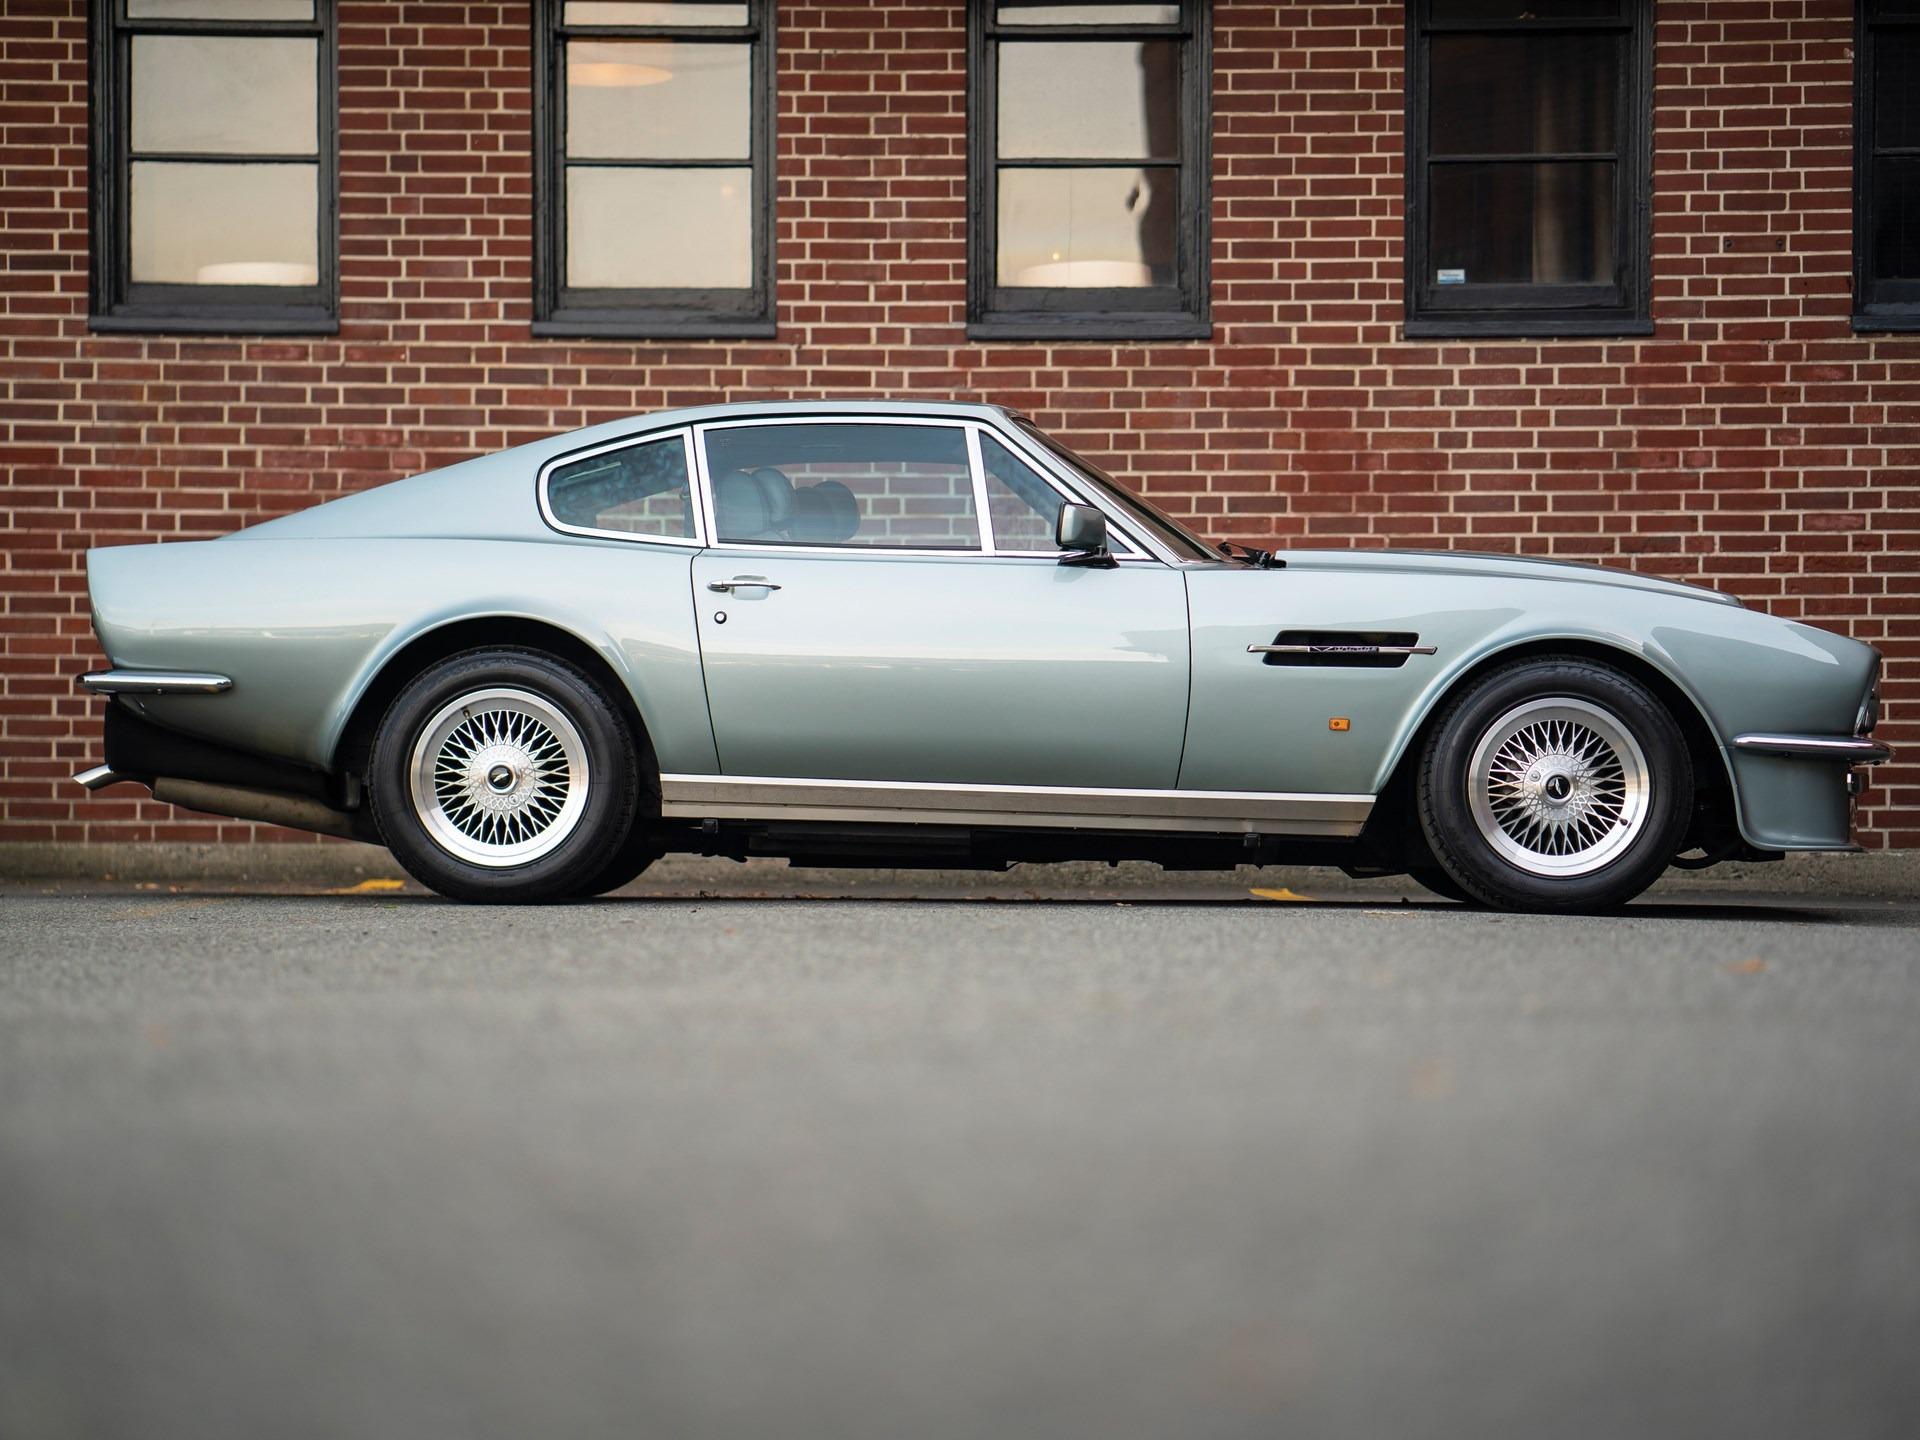 1989 Aston Martin V8 Vantage Stock 1989astonvantagexpack For Sale Near New York Ny Ny Aston Martin Dealer